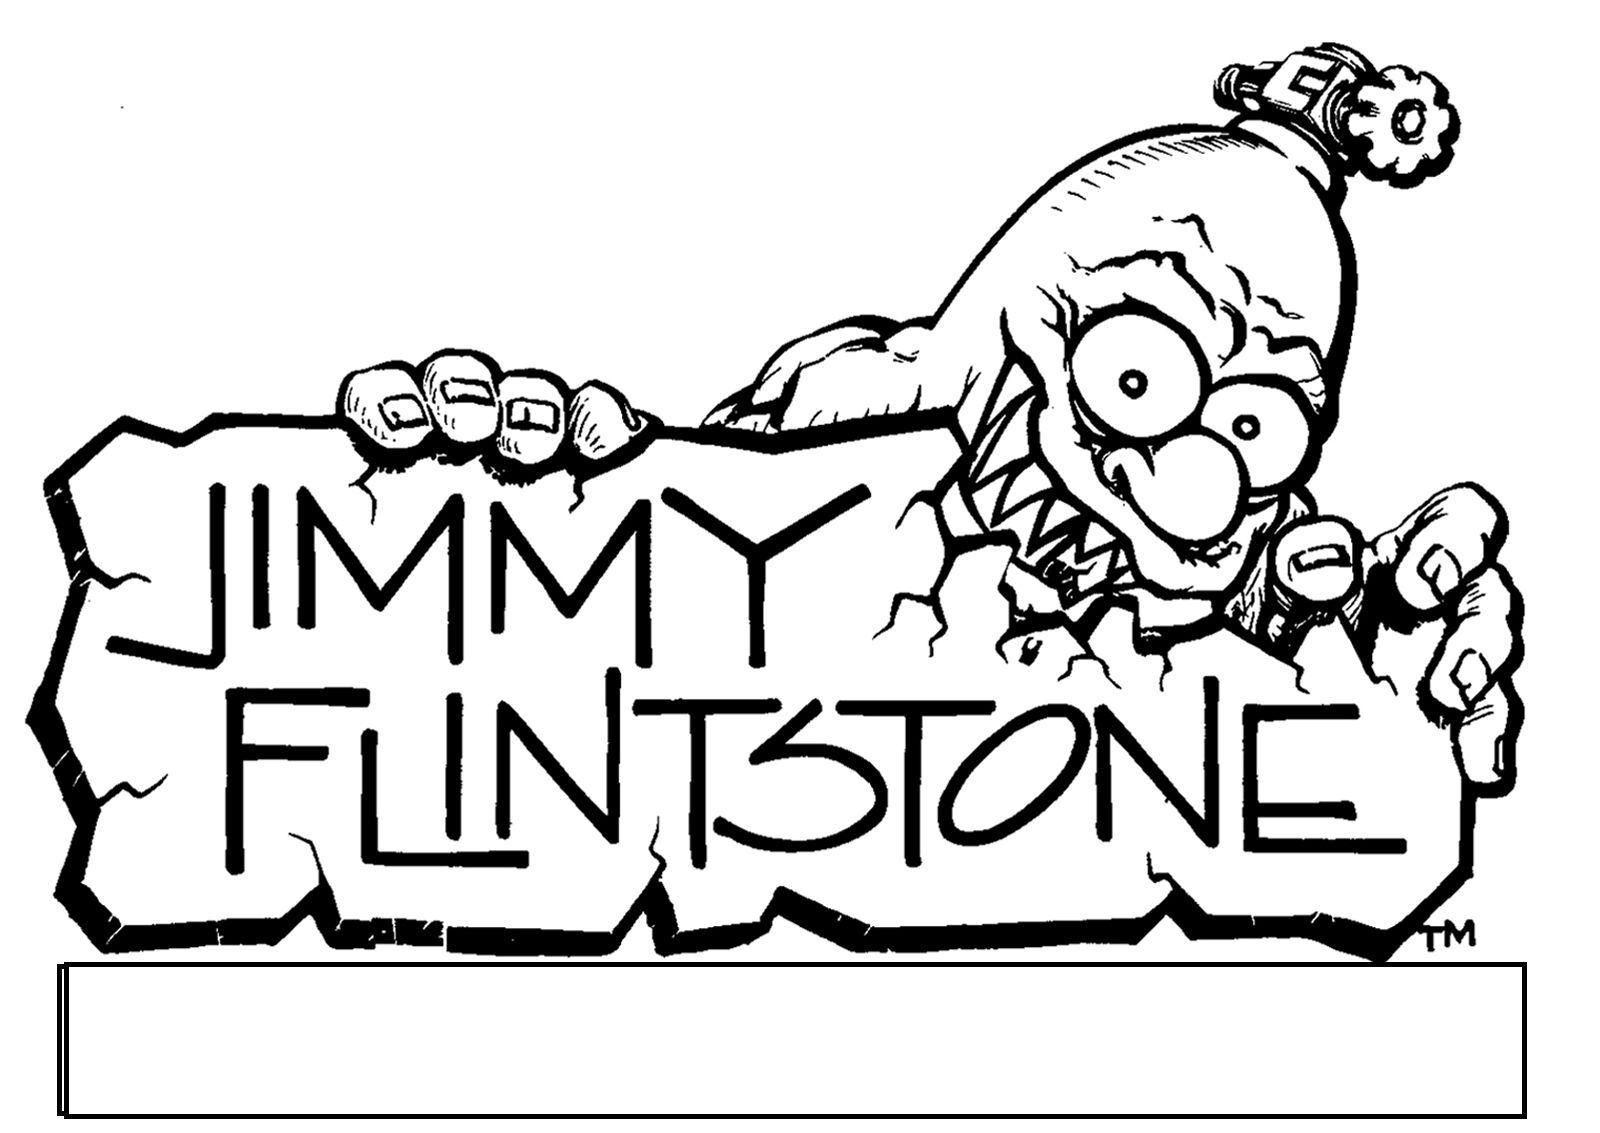 Flintstone Resin Gallery